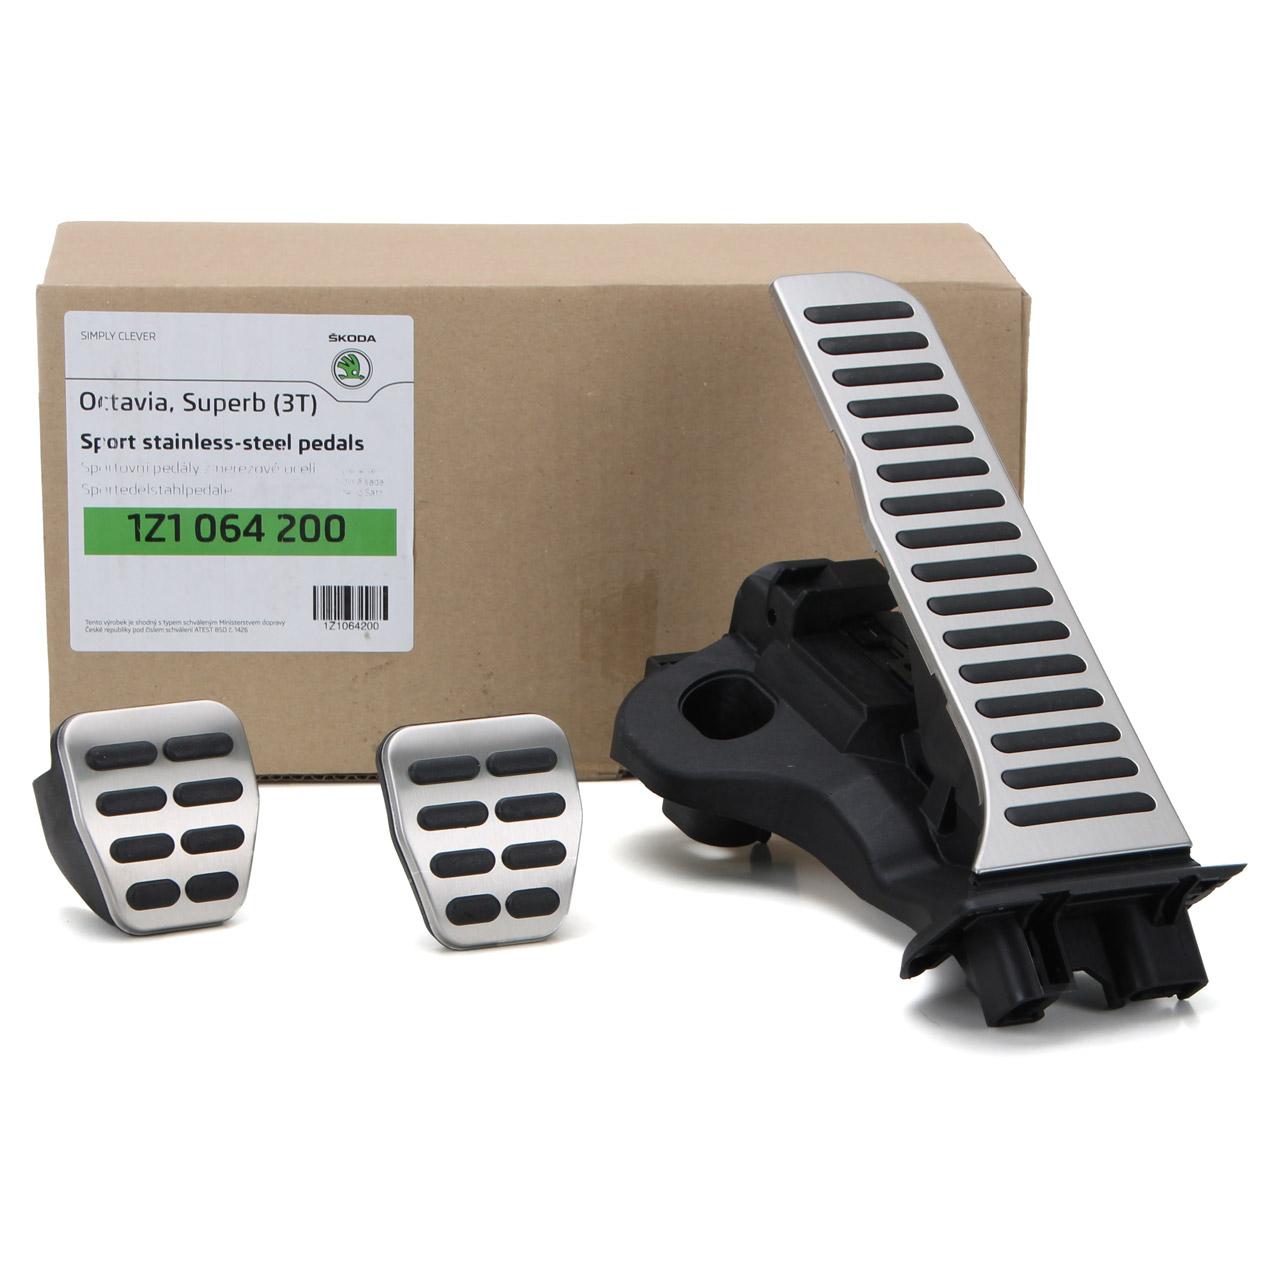 ORIGINAL Skoda Pedal-Blenden für Schaltgetriebe 1Z1064200 für Octavia 2 Superb 2